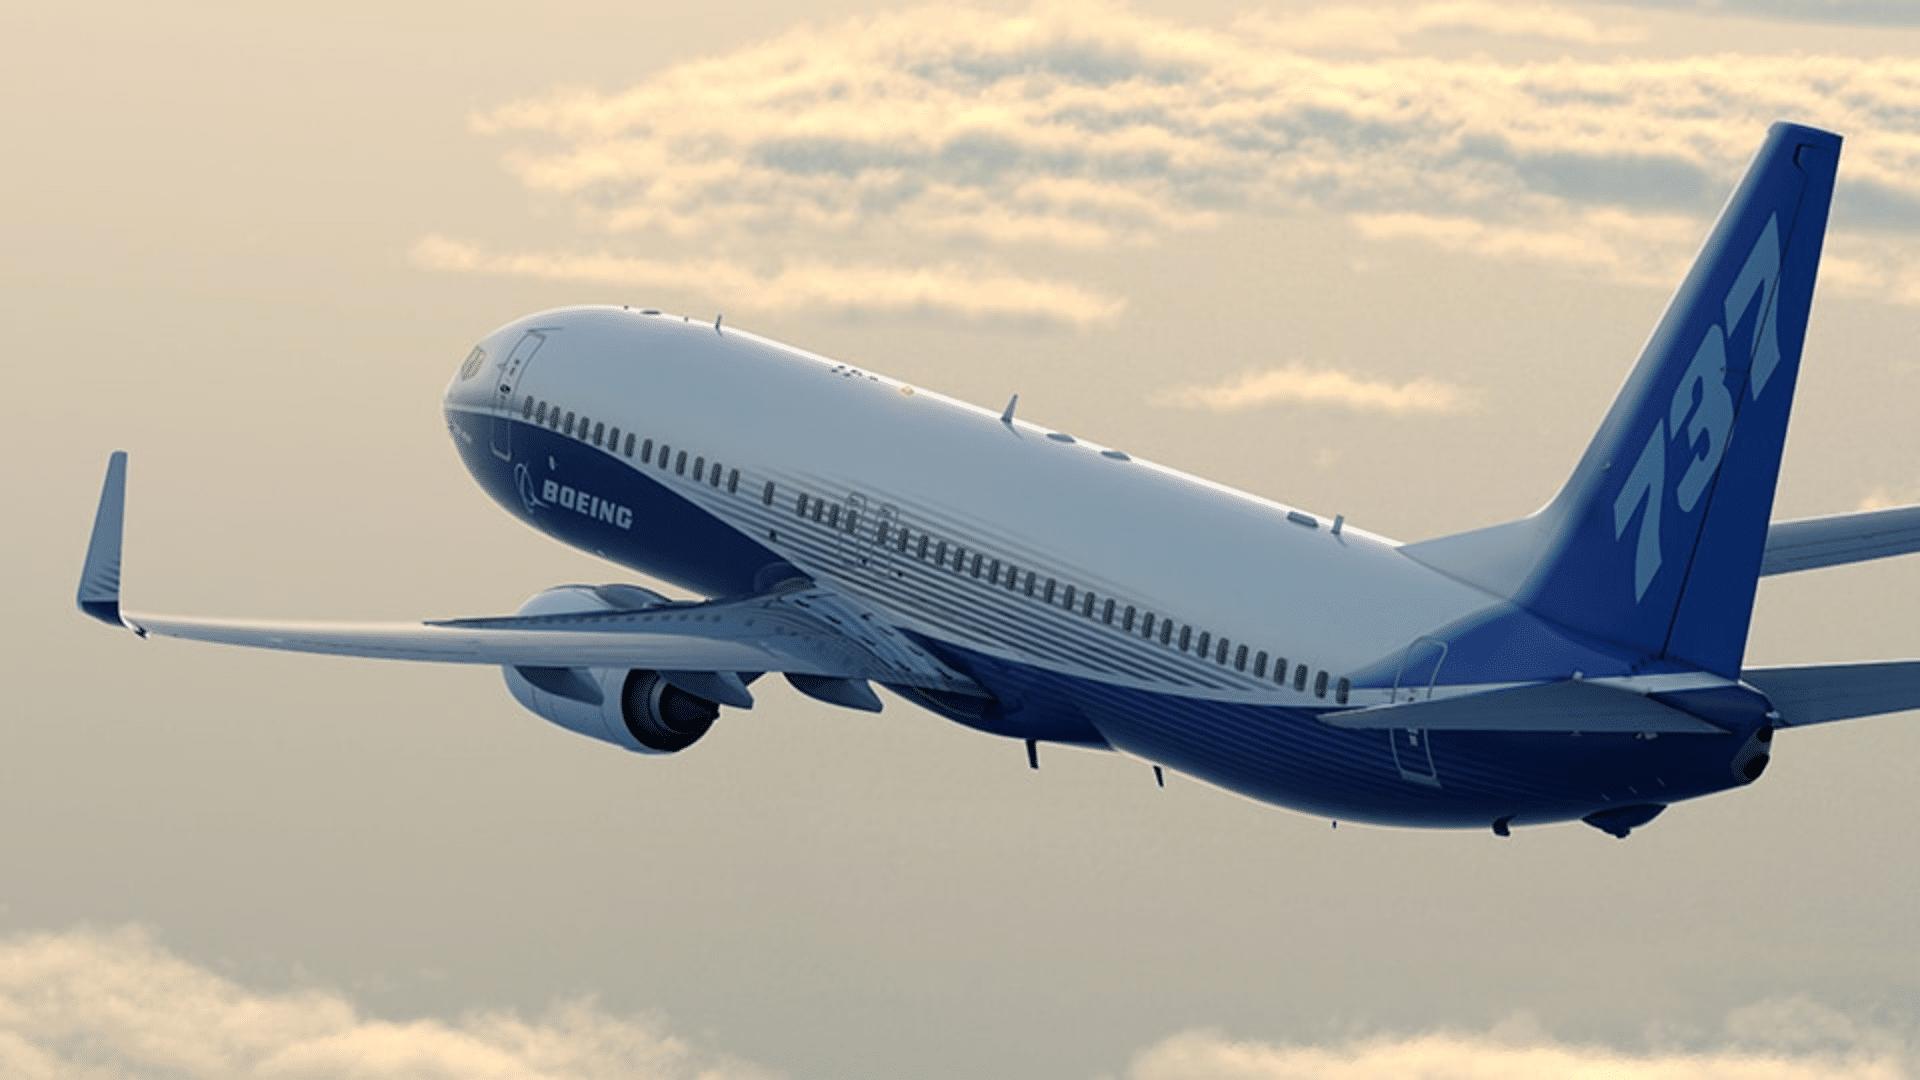 boeing-findet-viele-abnehmer-f-r-bersch-ssige-737-max-jets